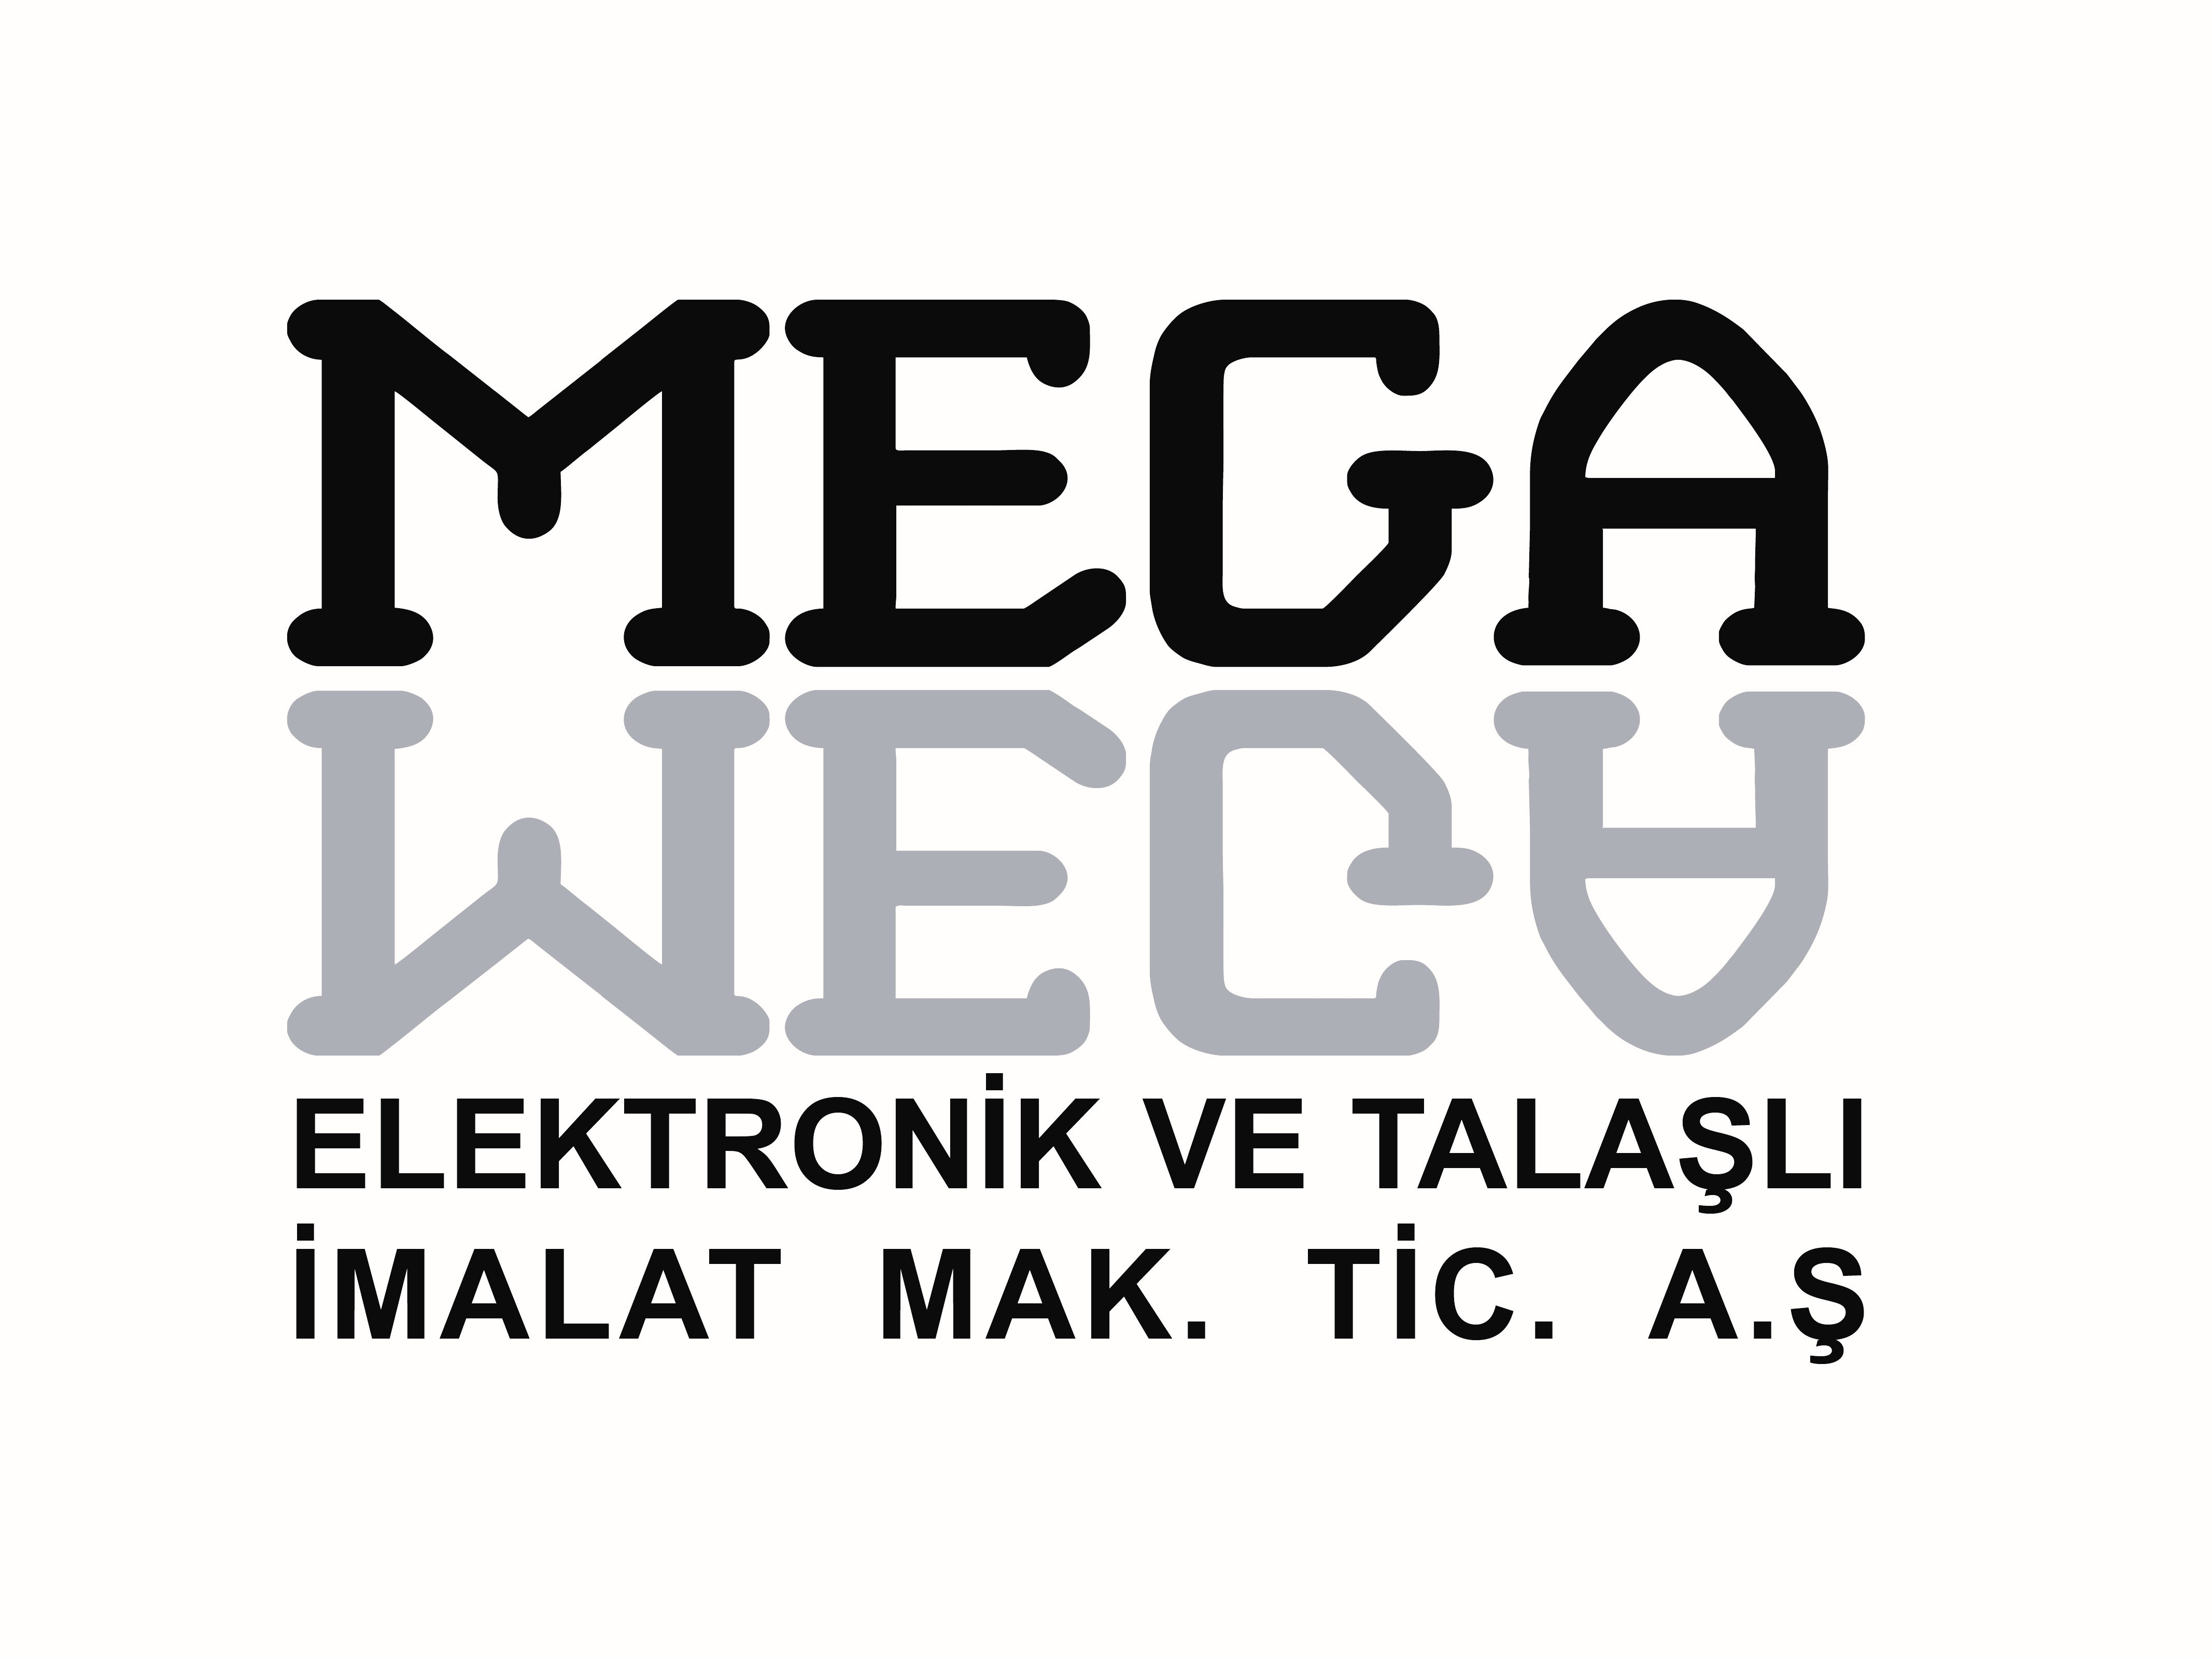 Logo Mega Elektronik Talaşlı İmalat Mak. Tic. A.Ş